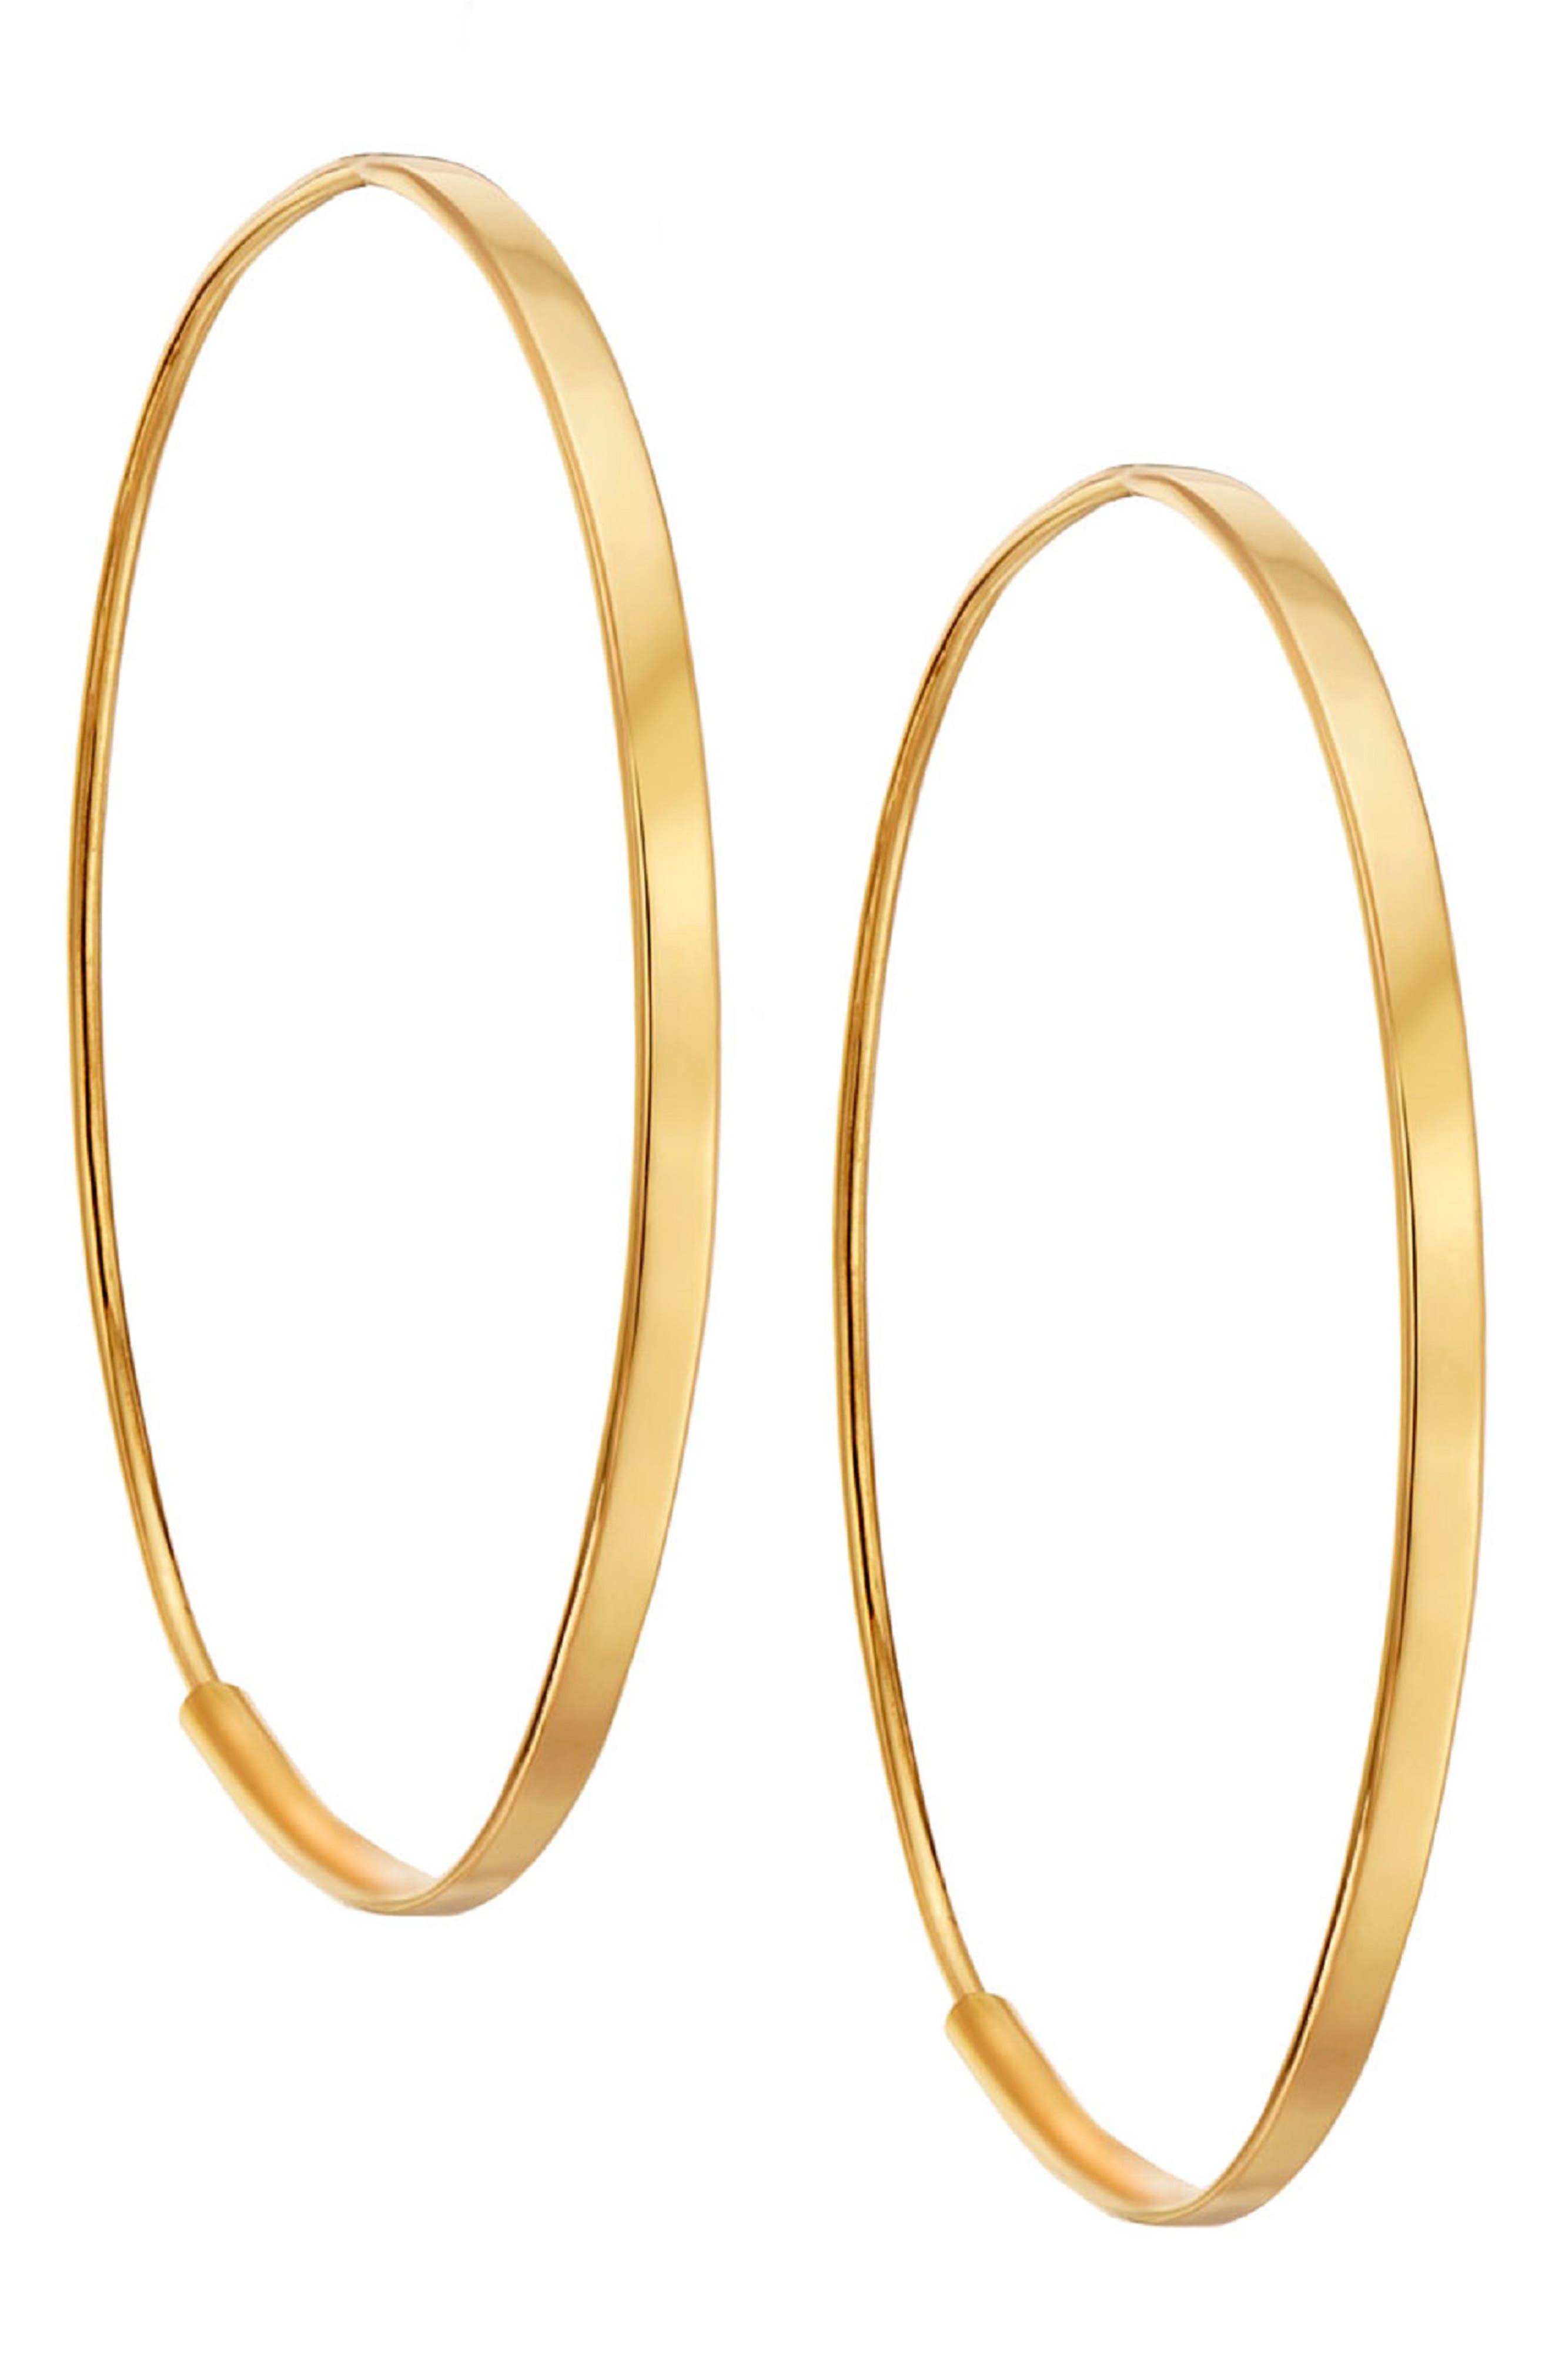 Small Flat Oval Hoop Earrings